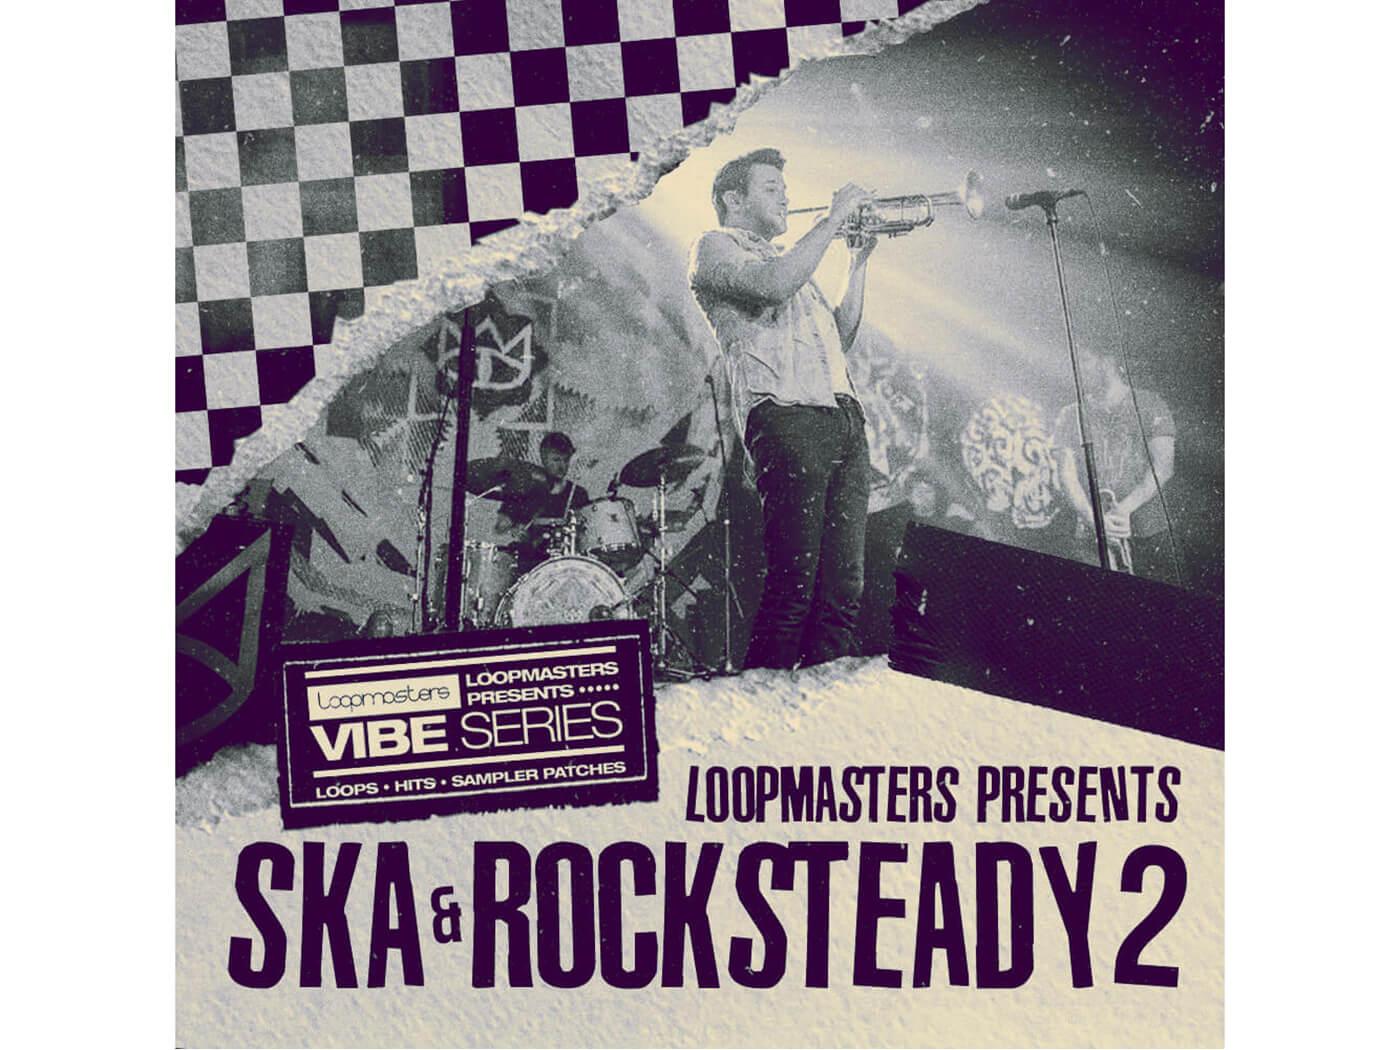 Loopmasters - Vibes 15 Ska & Rocksteady Vol.2